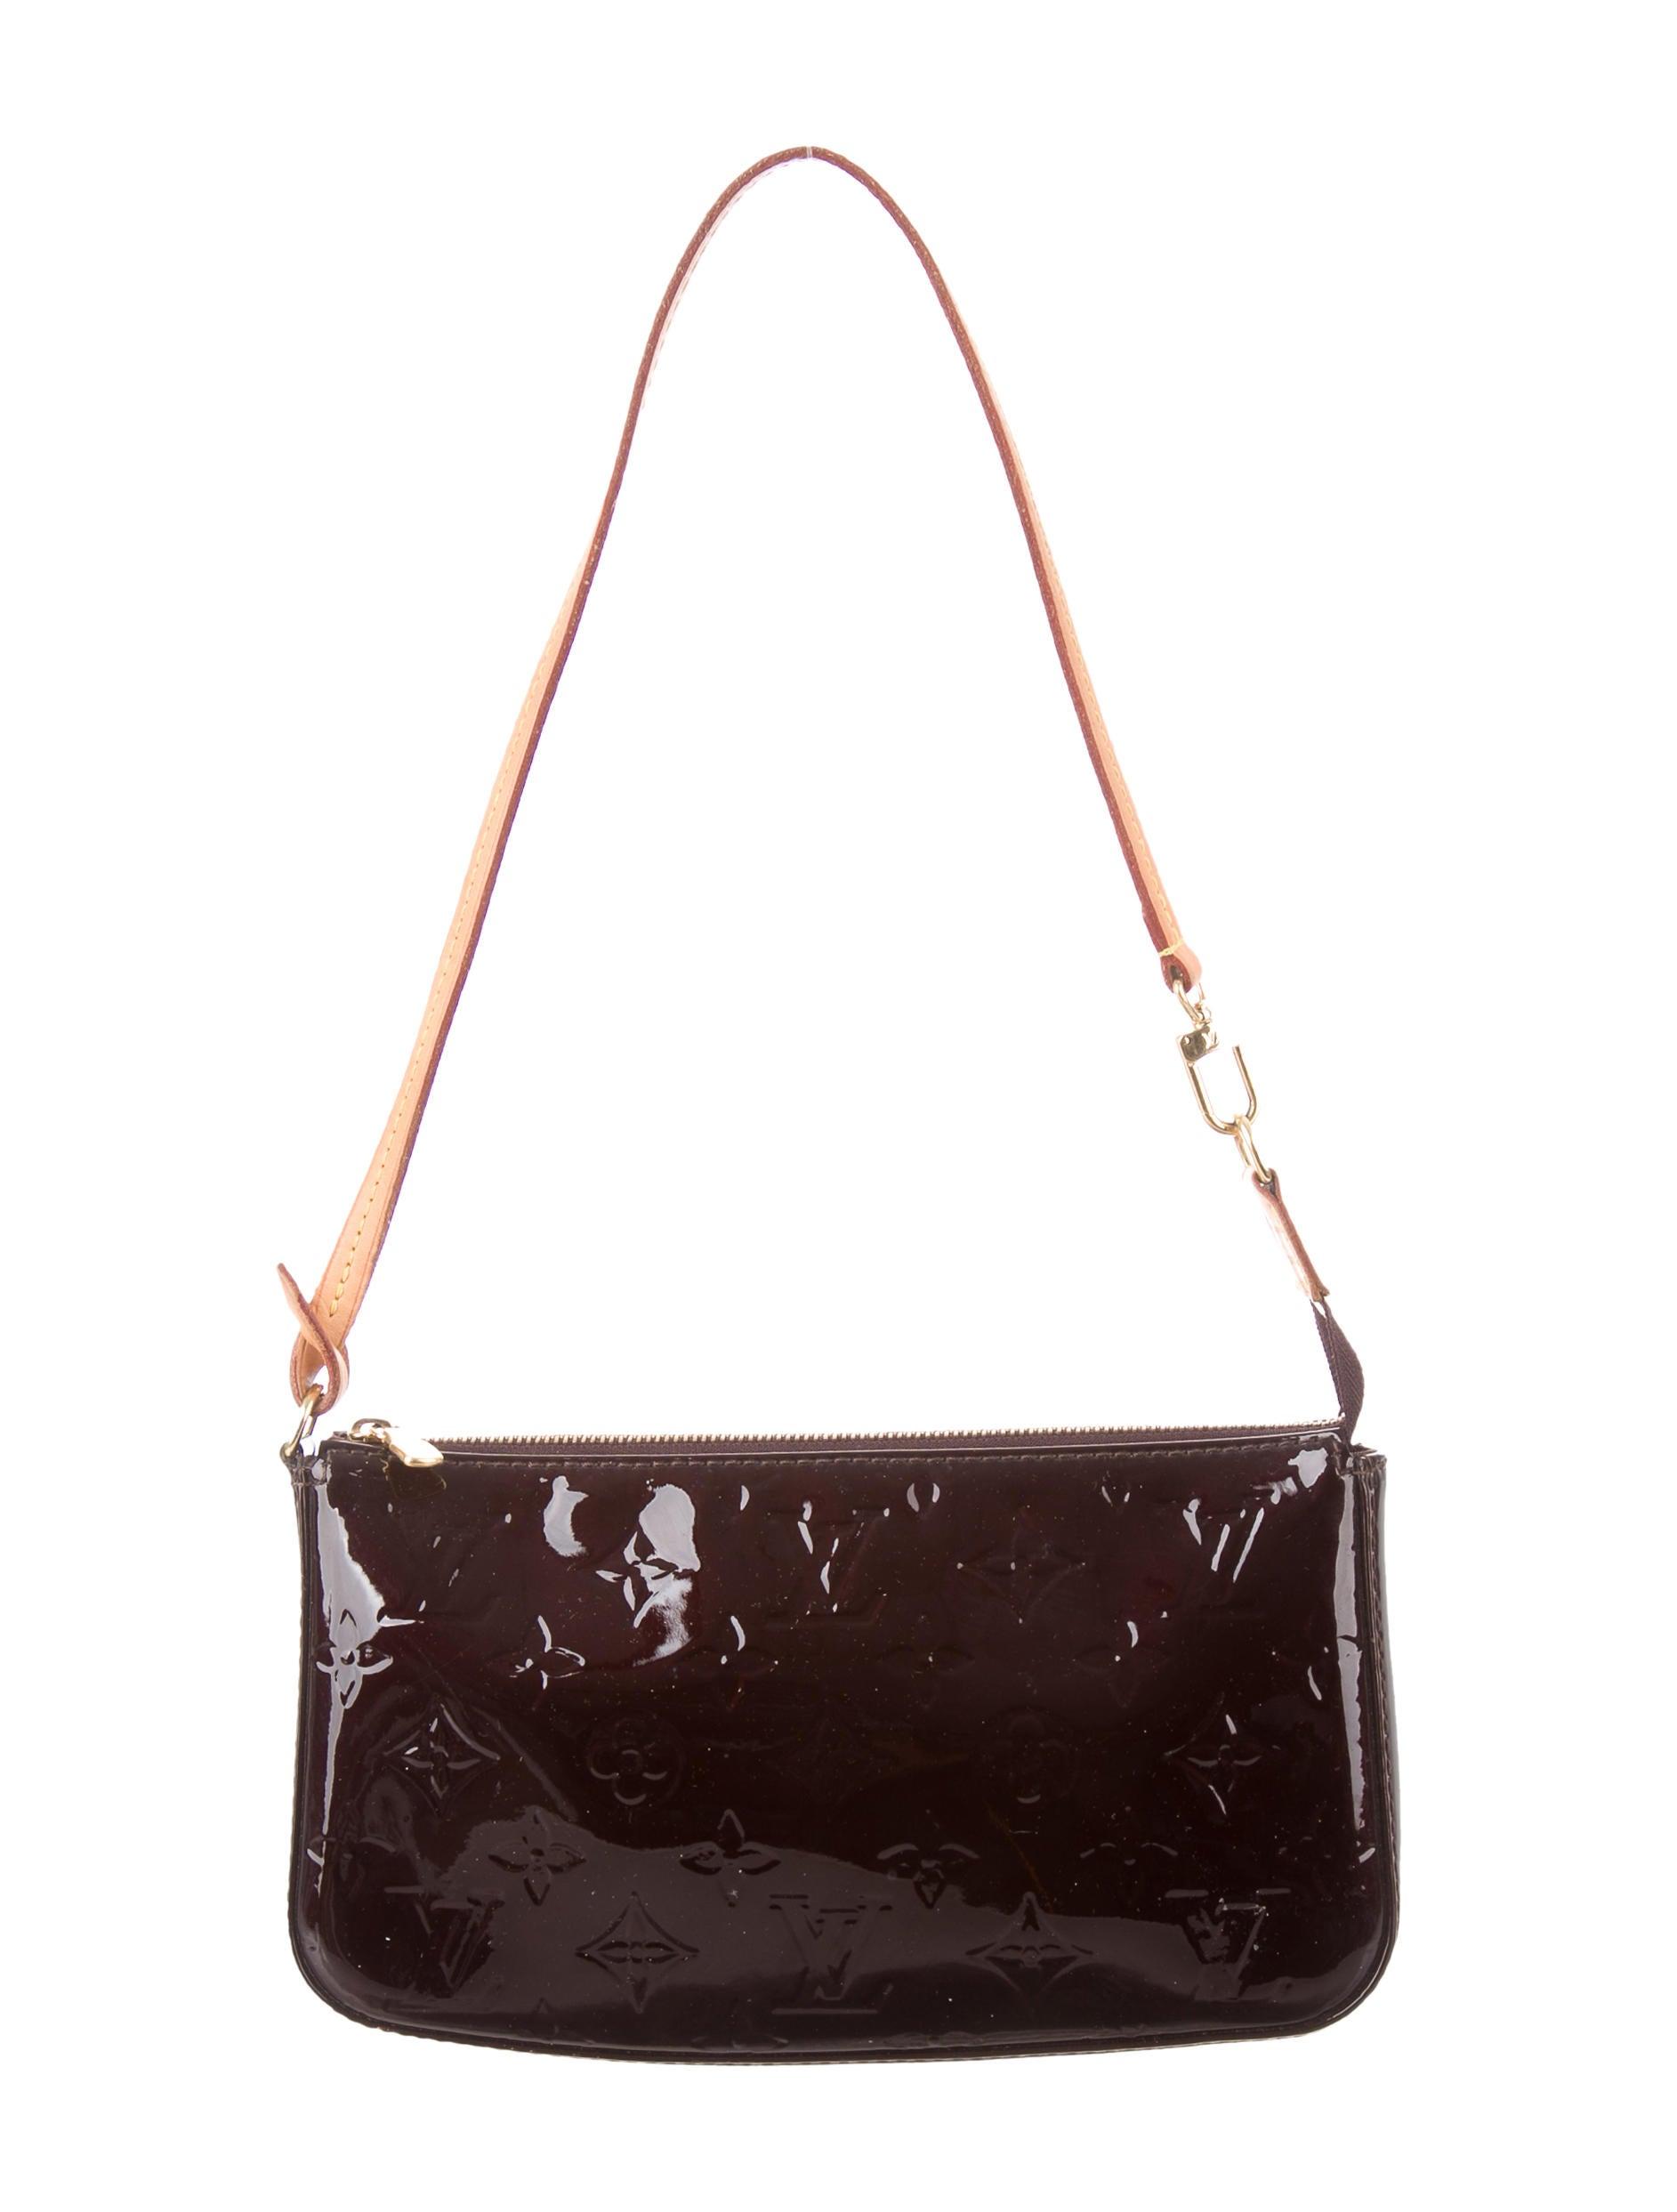 louis vuitton vernis pochette accessoires nm handbags. Black Bedroom Furniture Sets. Home Design Ideas